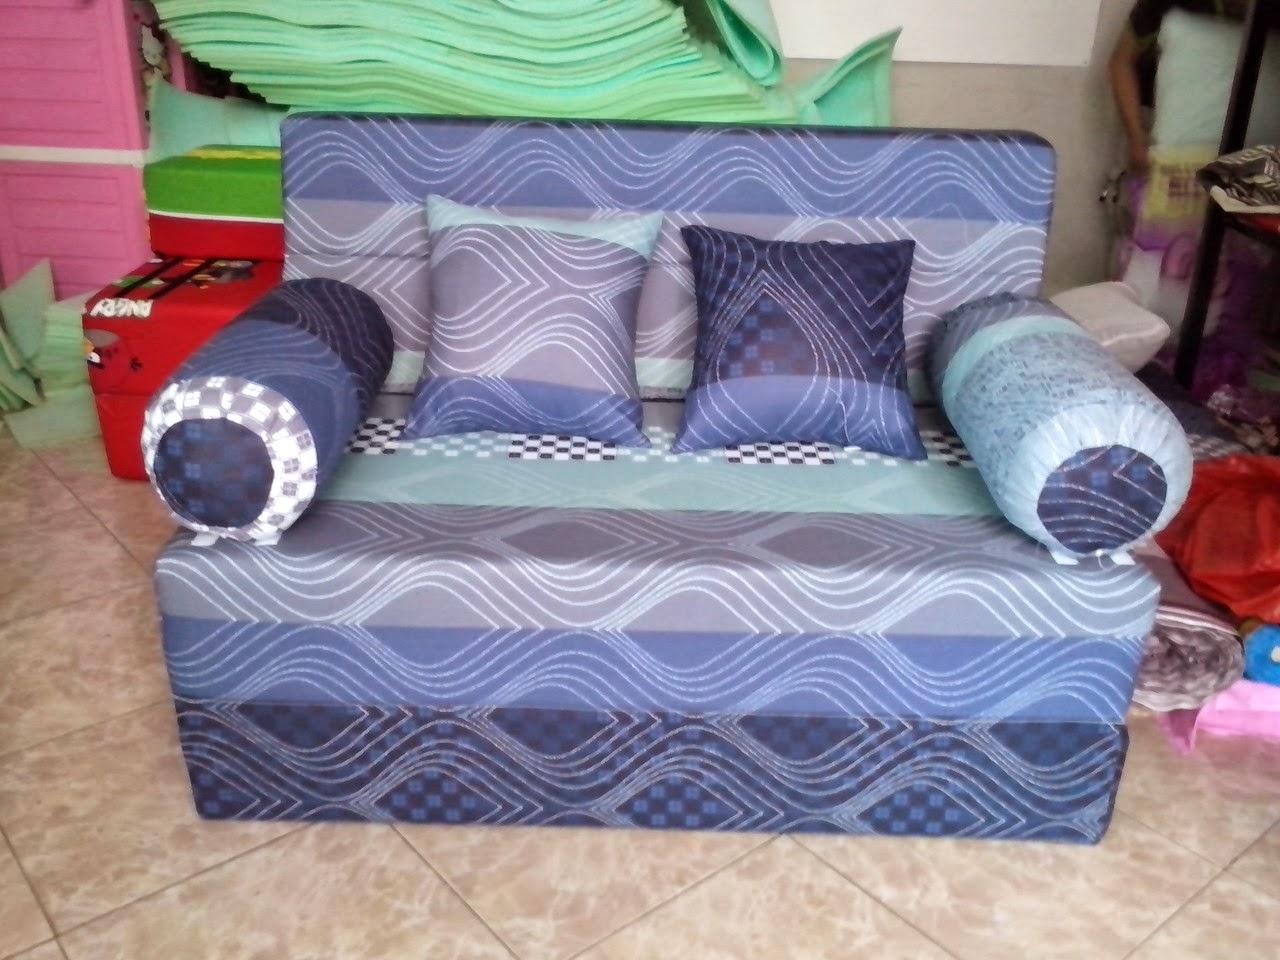 Sofa Bed Inoac Jogja Thecreativescientistcom